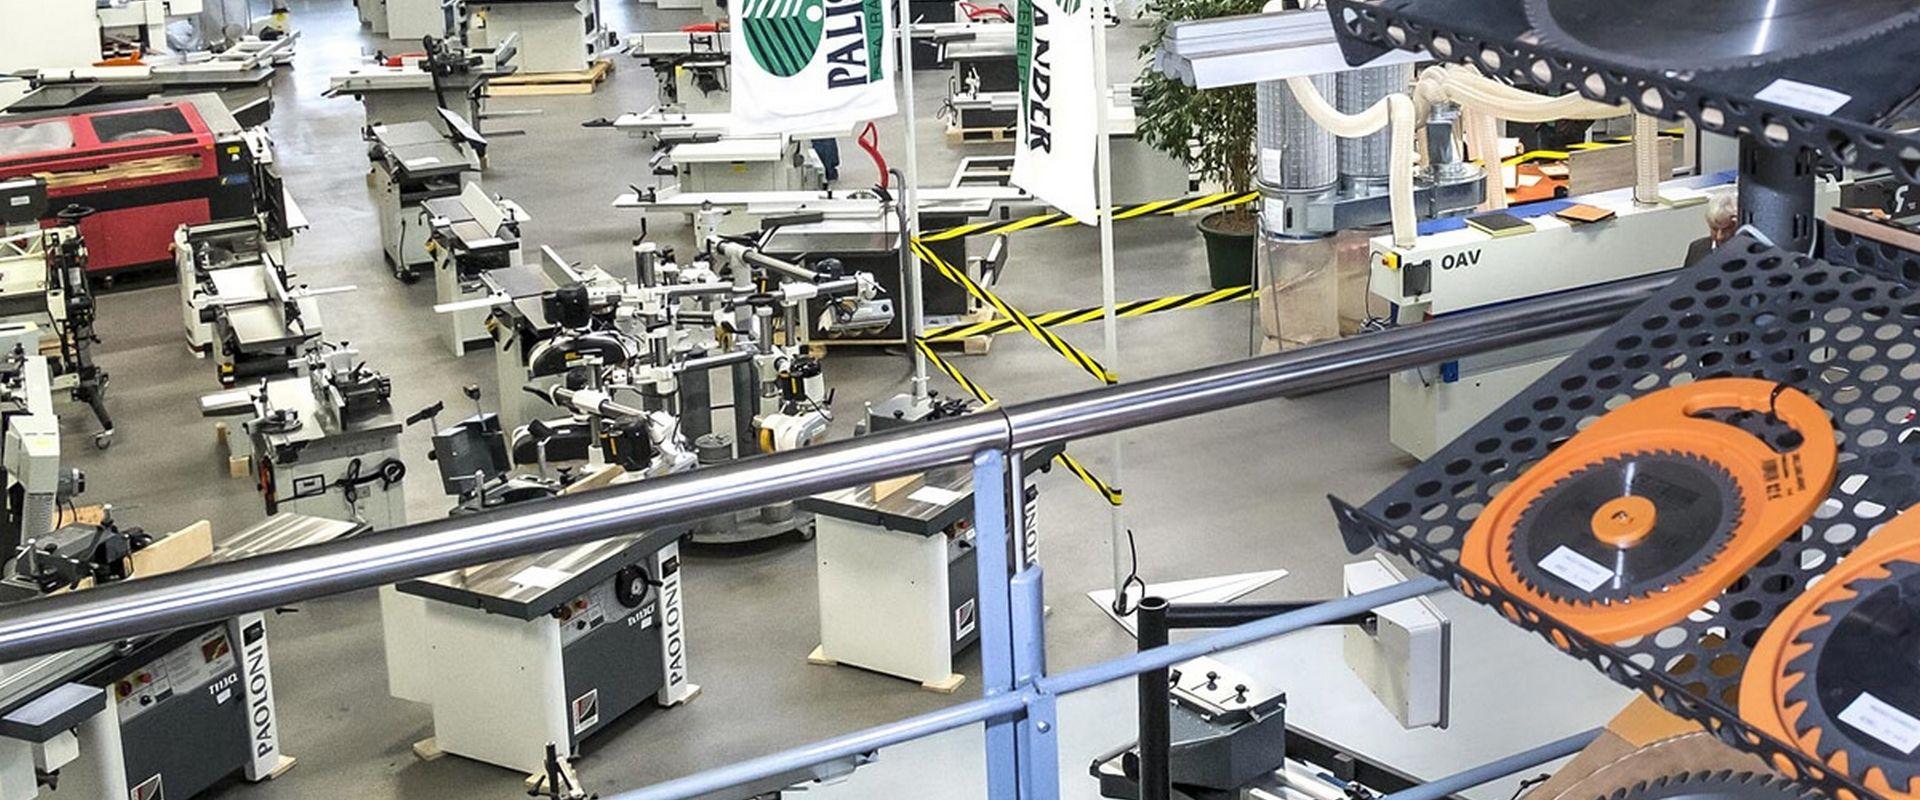 Népszerű és világszínvonalú gépgyártók termékei raktárkészletről